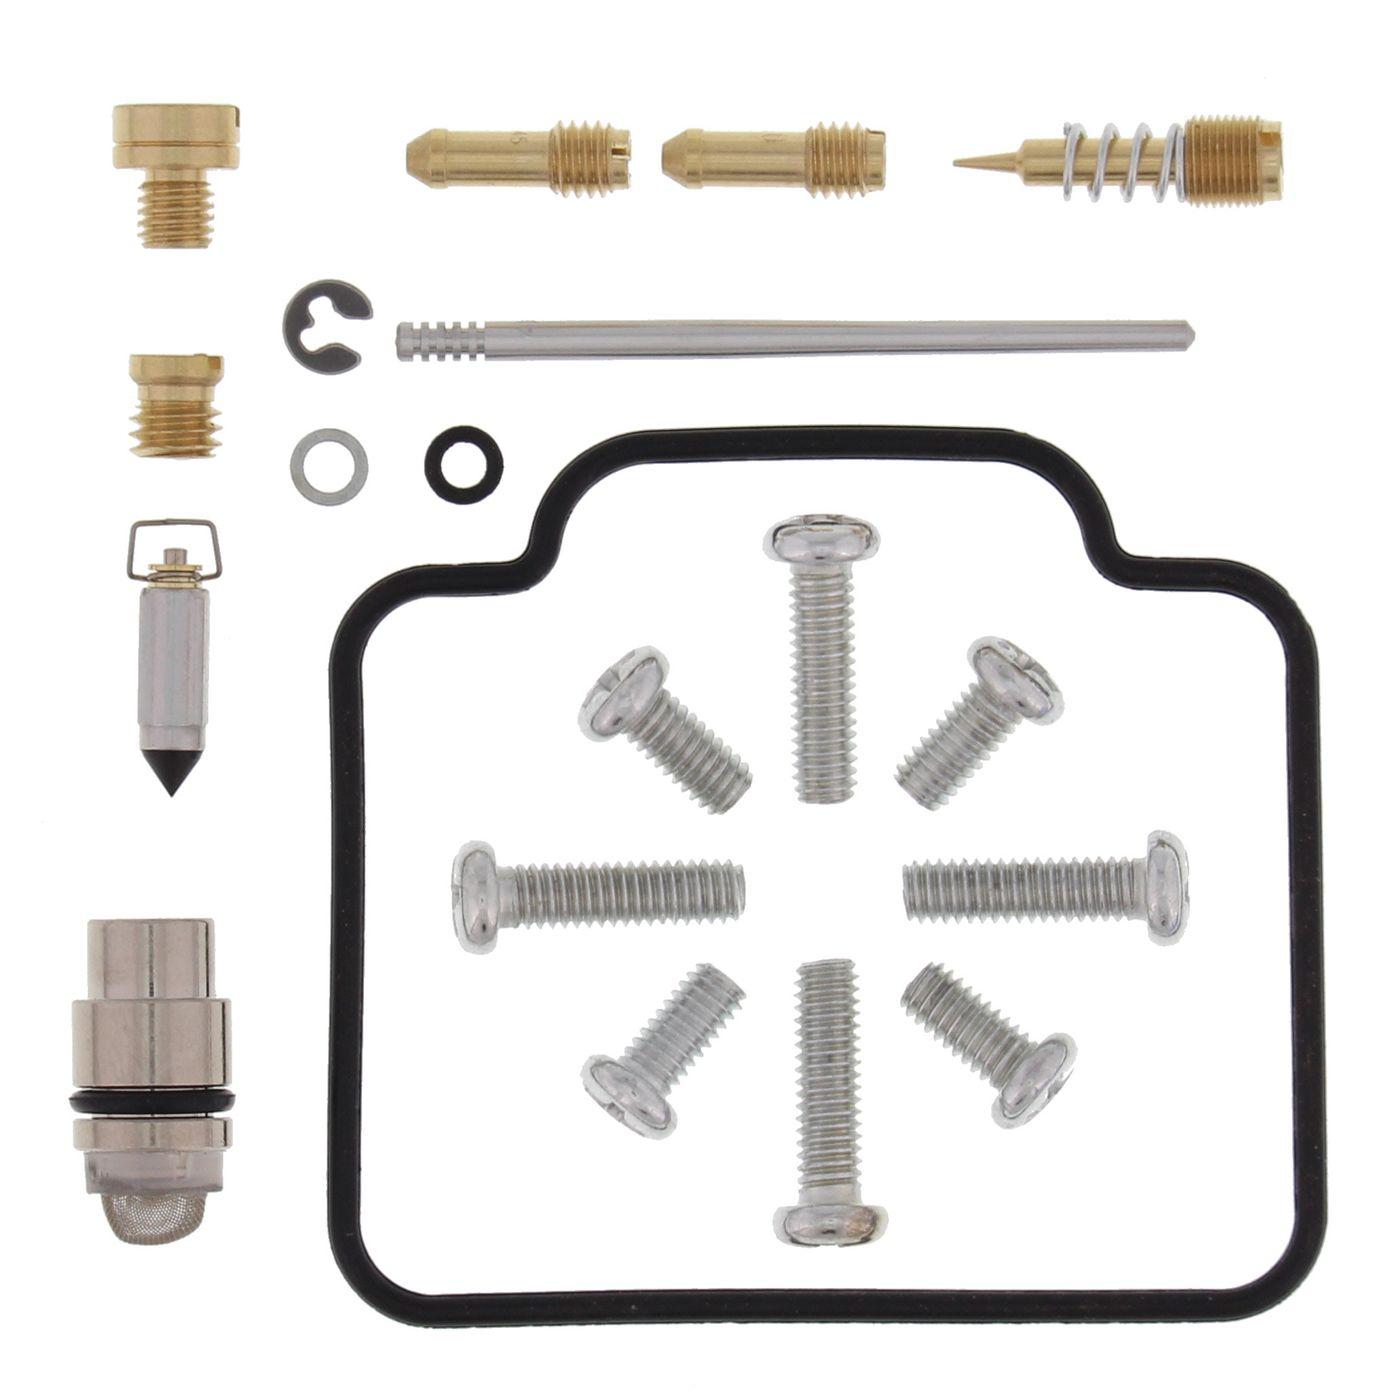 wrp carb repair kits - WRP261011 image